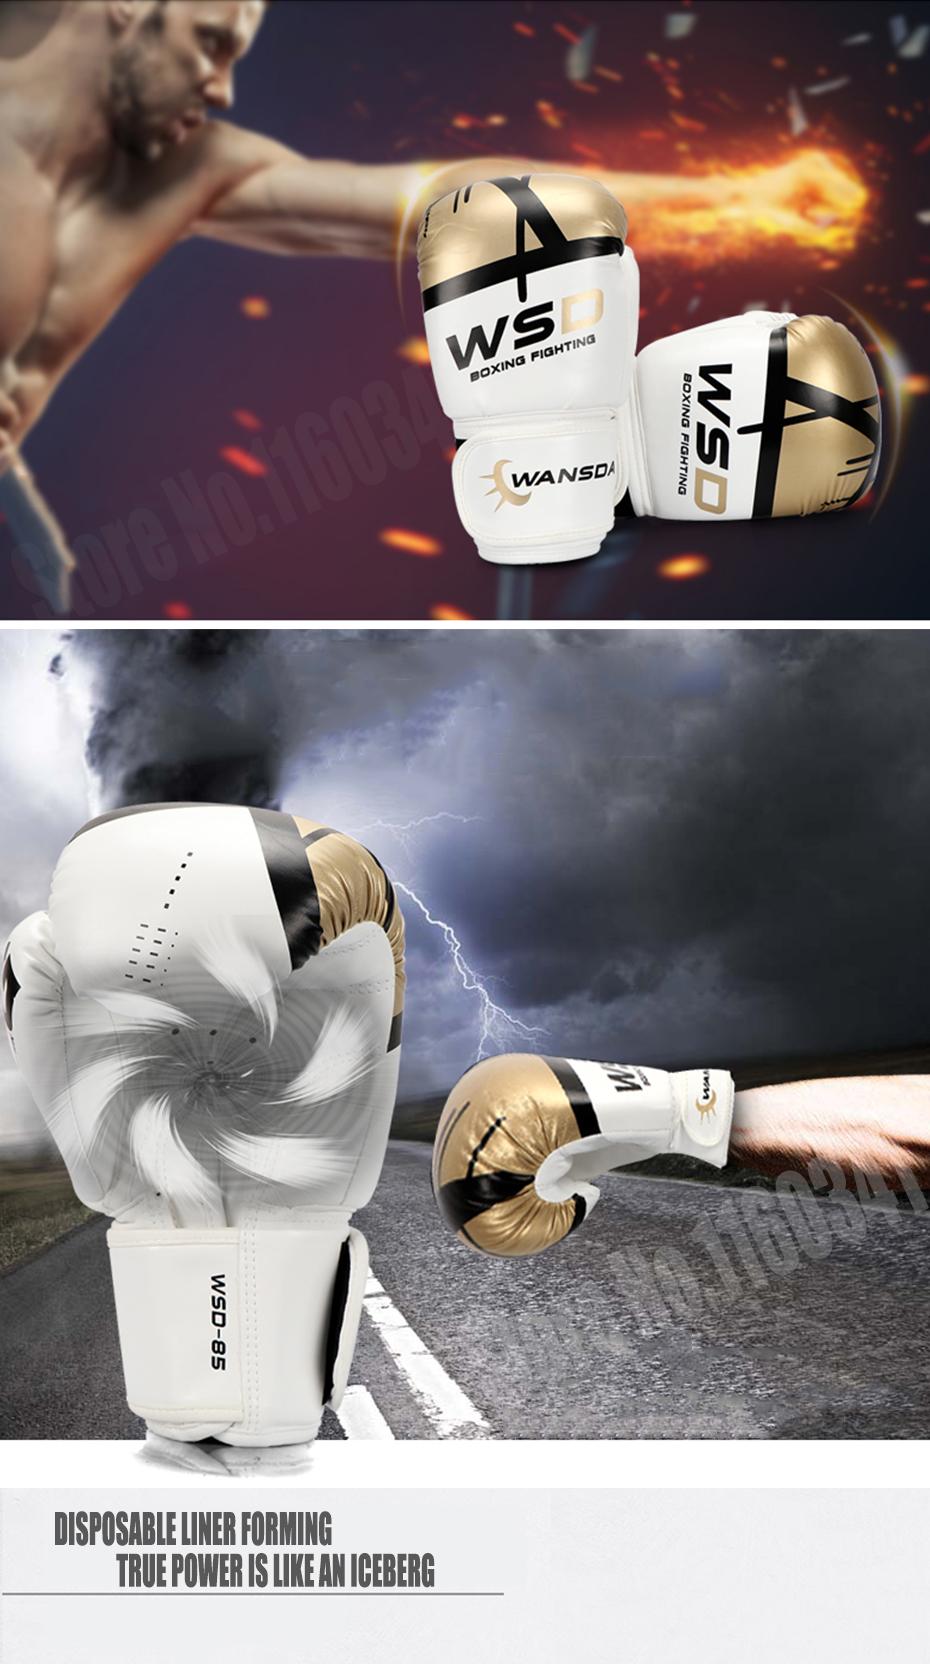 18 New Pink/Gold Men/Women Boxing Fitness Gloves for Sandbag Punch Training MMA Muay Thai Sanda Karate Mitt Equipment 2